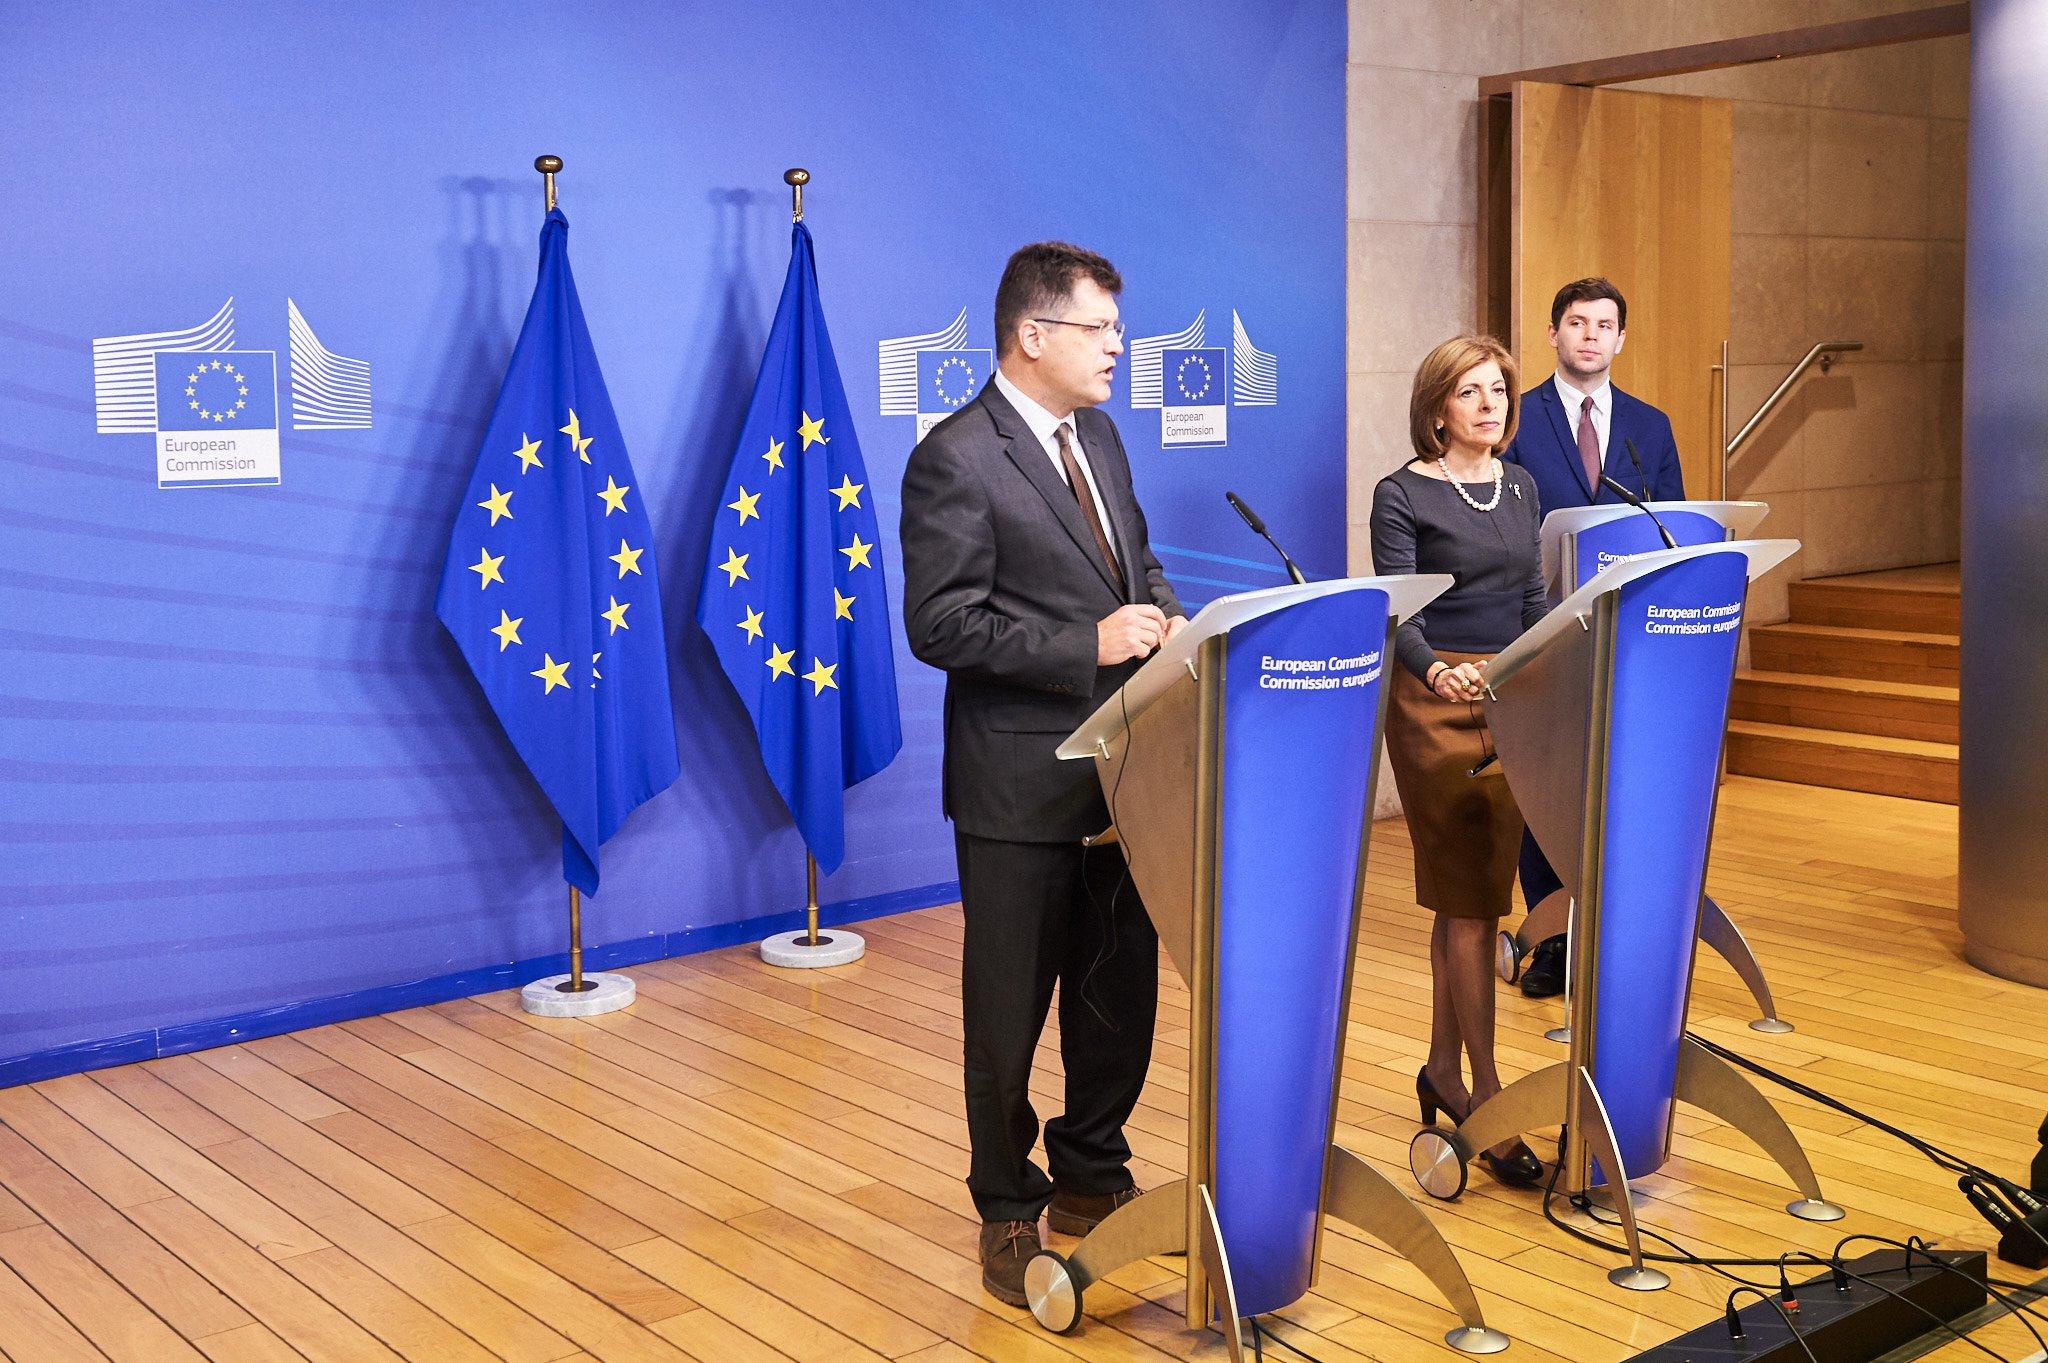 欧盟委员会:将牵头众筹2.32亿欧元